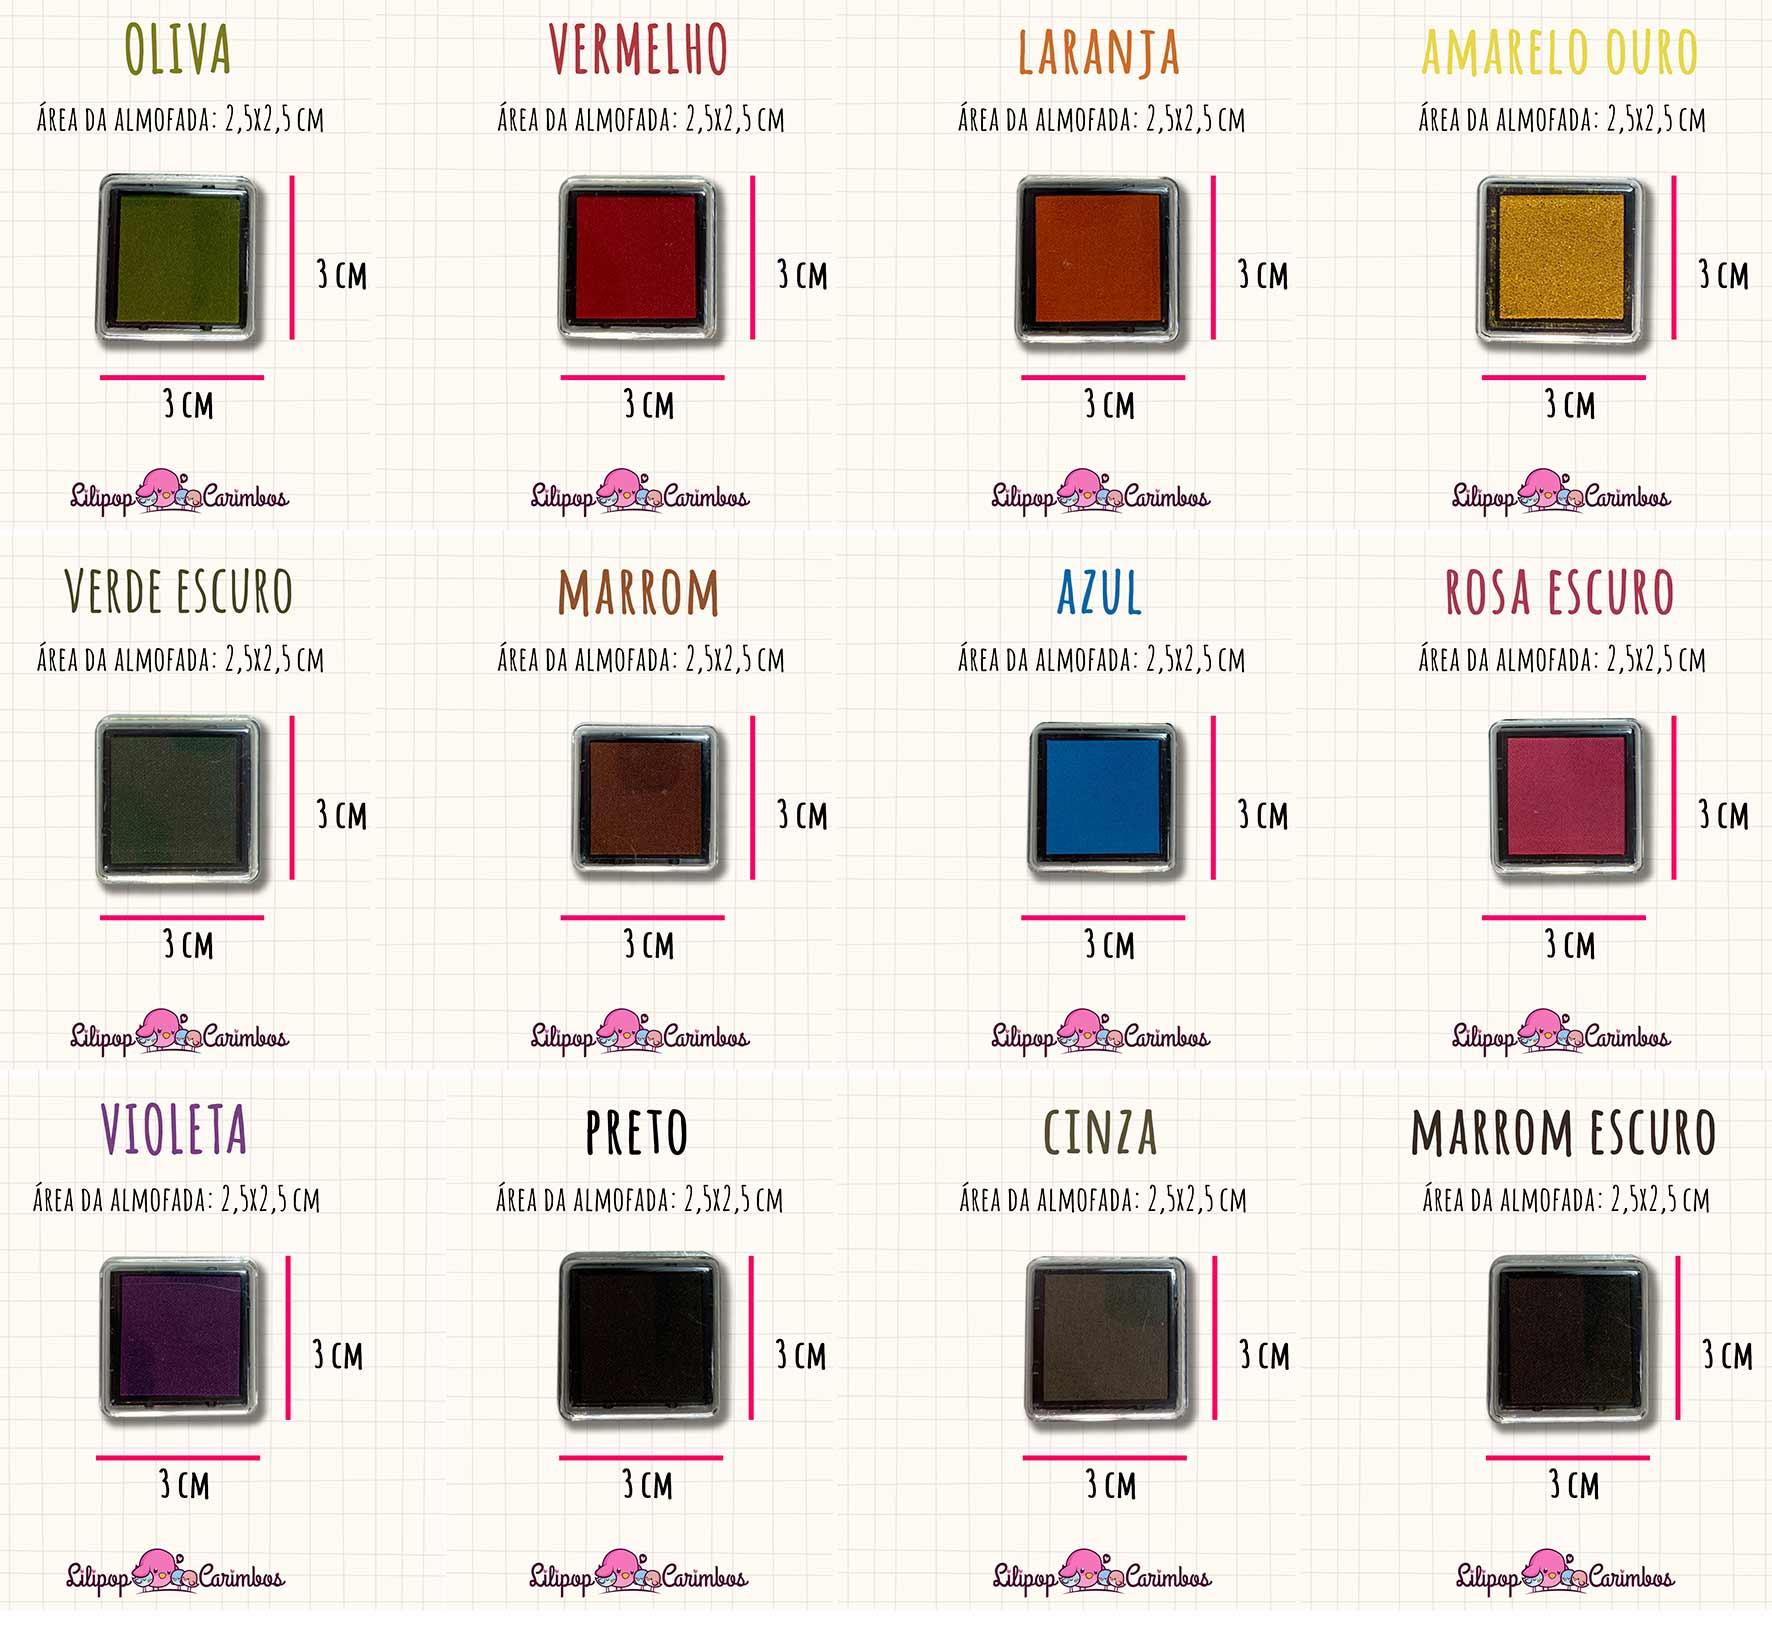 KIT PROMOCIONAL - MINI CARIMBEIRAS - 12 cores - Tinta pigmentada  - Lilipop carimbos